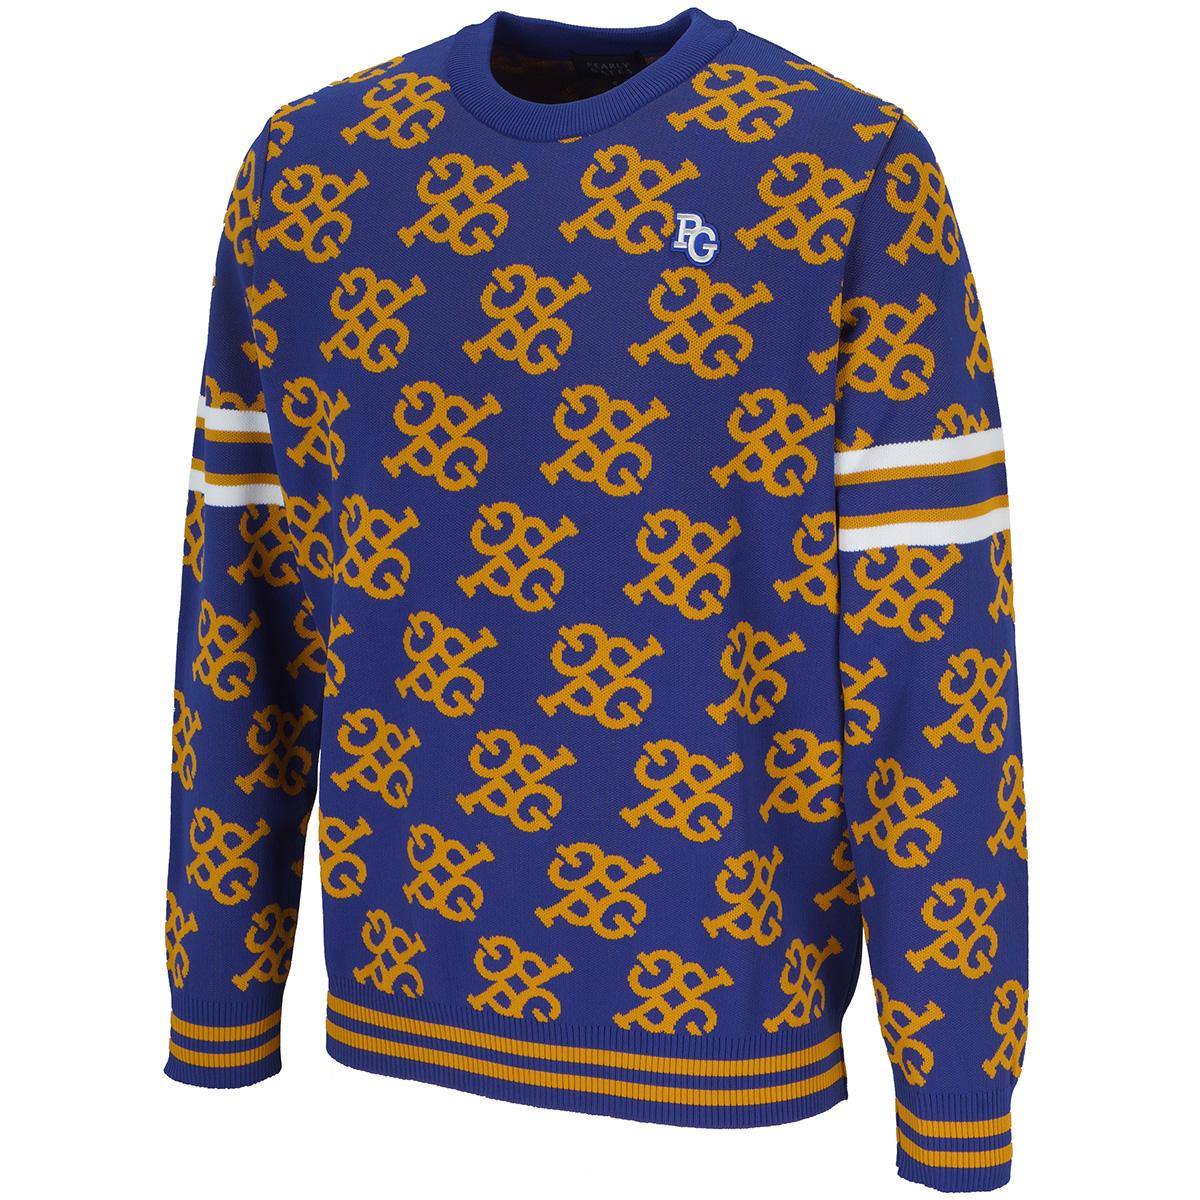 モノグラム 長袖セーター